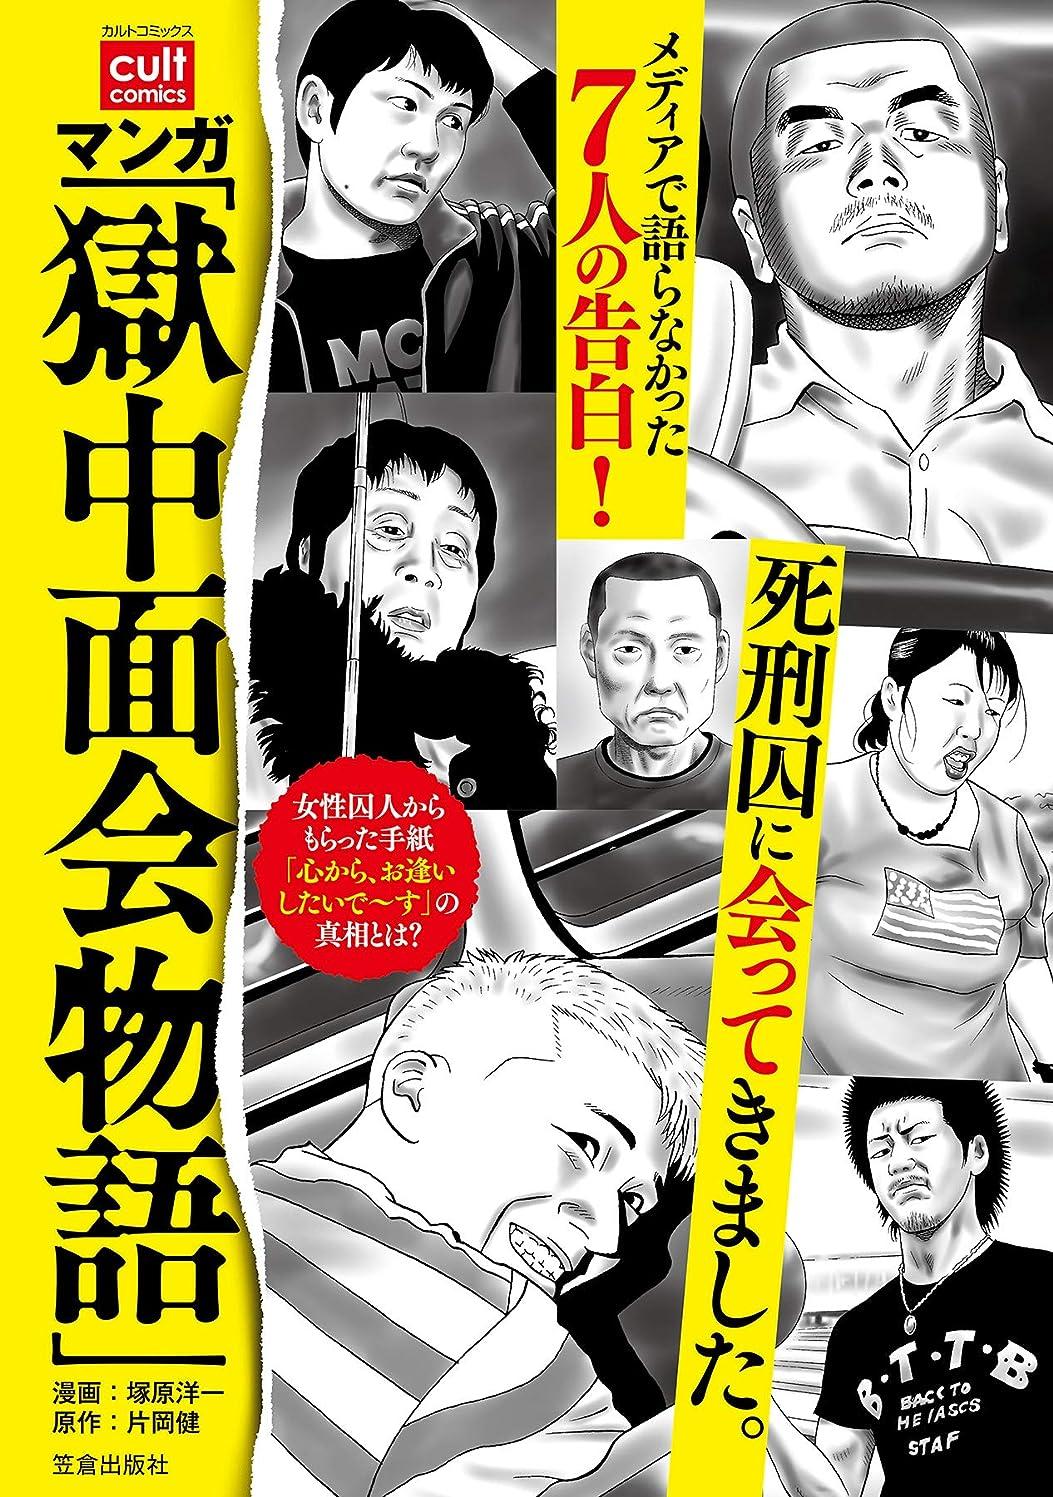 マイナーバックグラウンドアボートマンガ 「獄中面会物語」